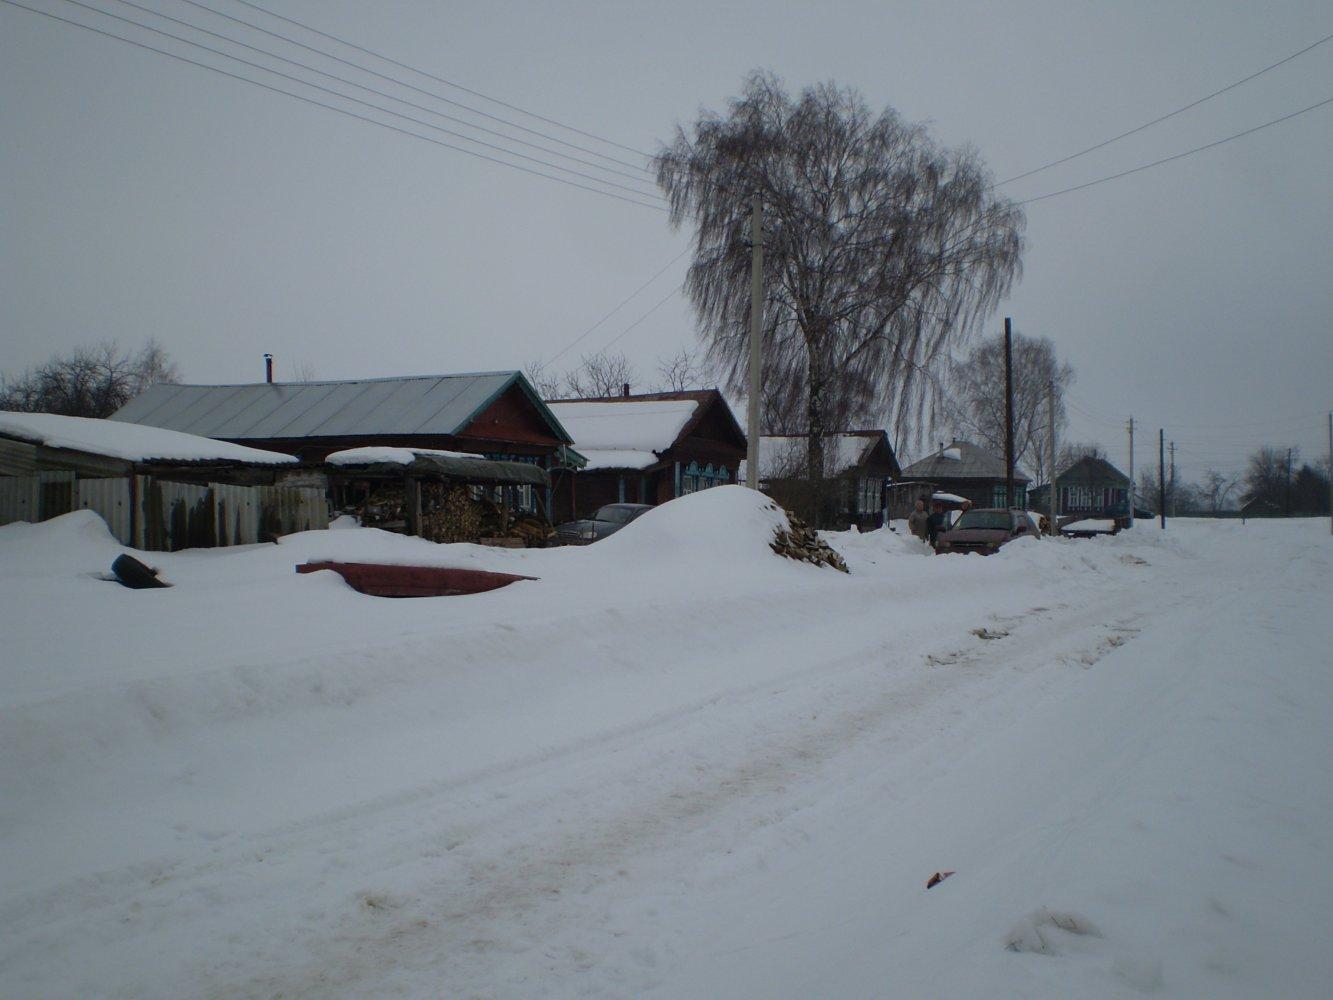 Фото P3210039.JPG. Россия, Нижегородская область, Клин, Unnamed Road